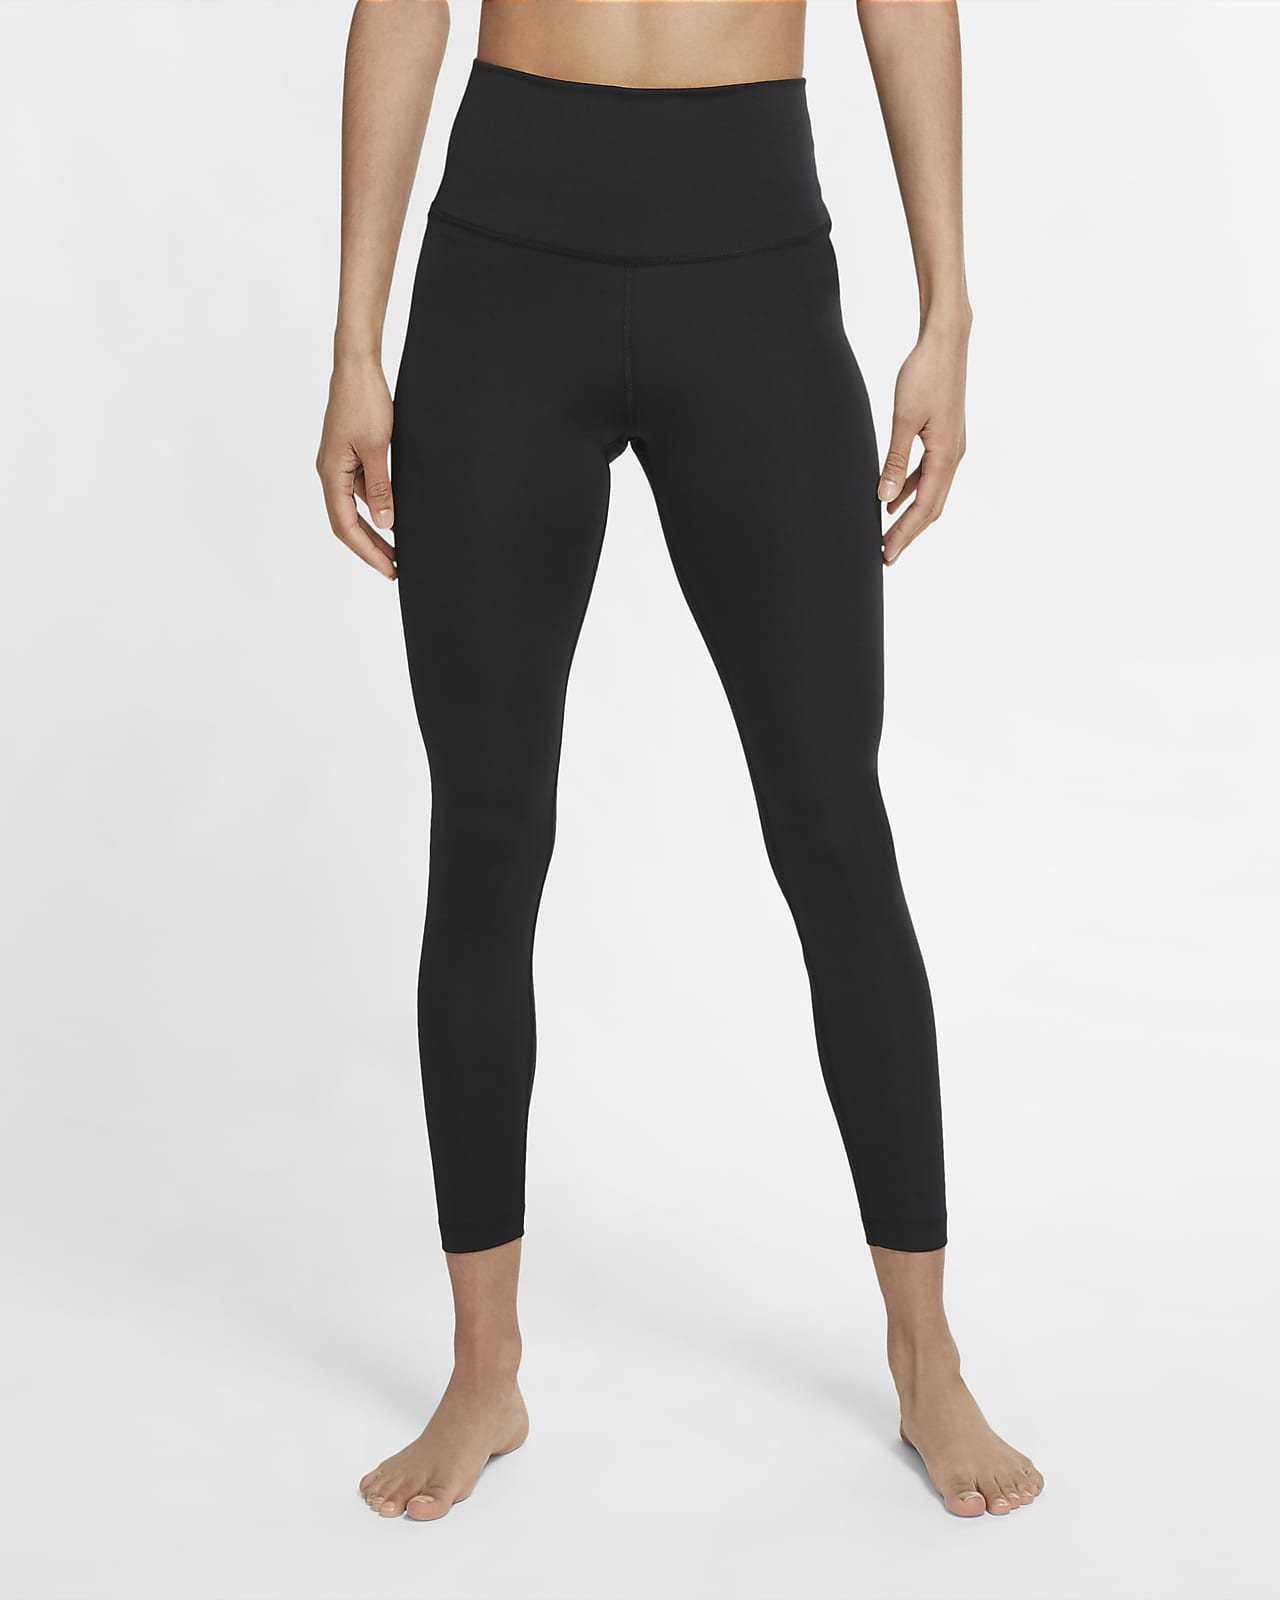 Nike Yoga 7/8-legging met hoge taille voor dames